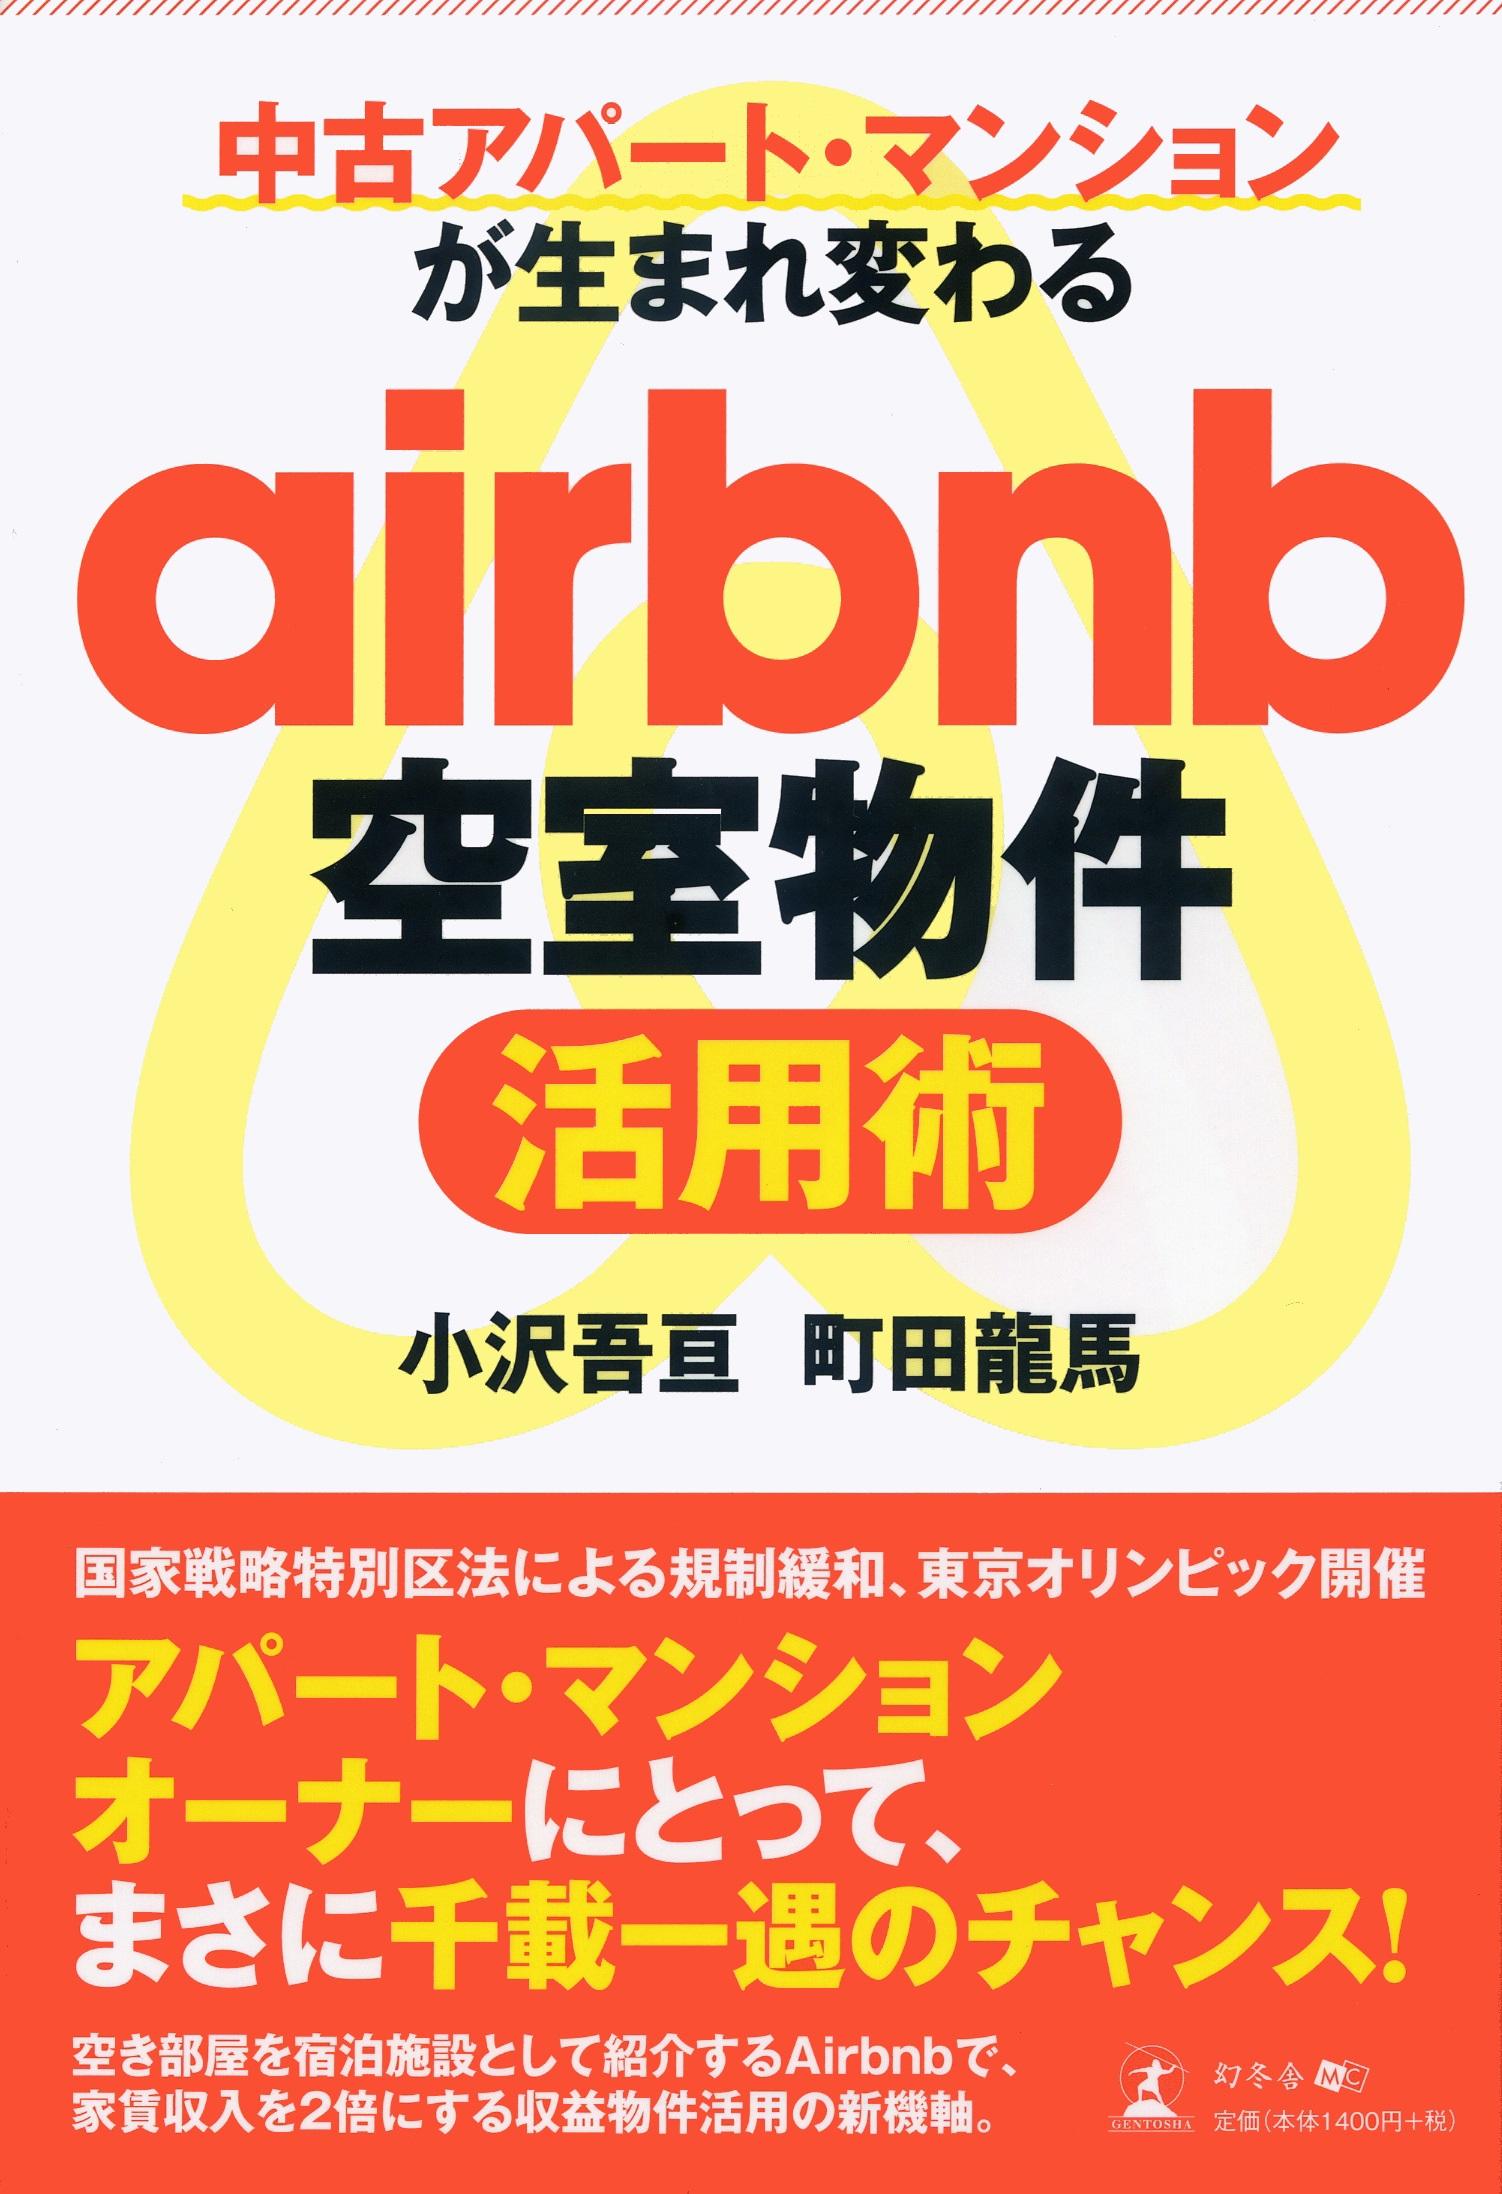 中古アパート・マンションが生まれ変わるairbnb空室物件活用術